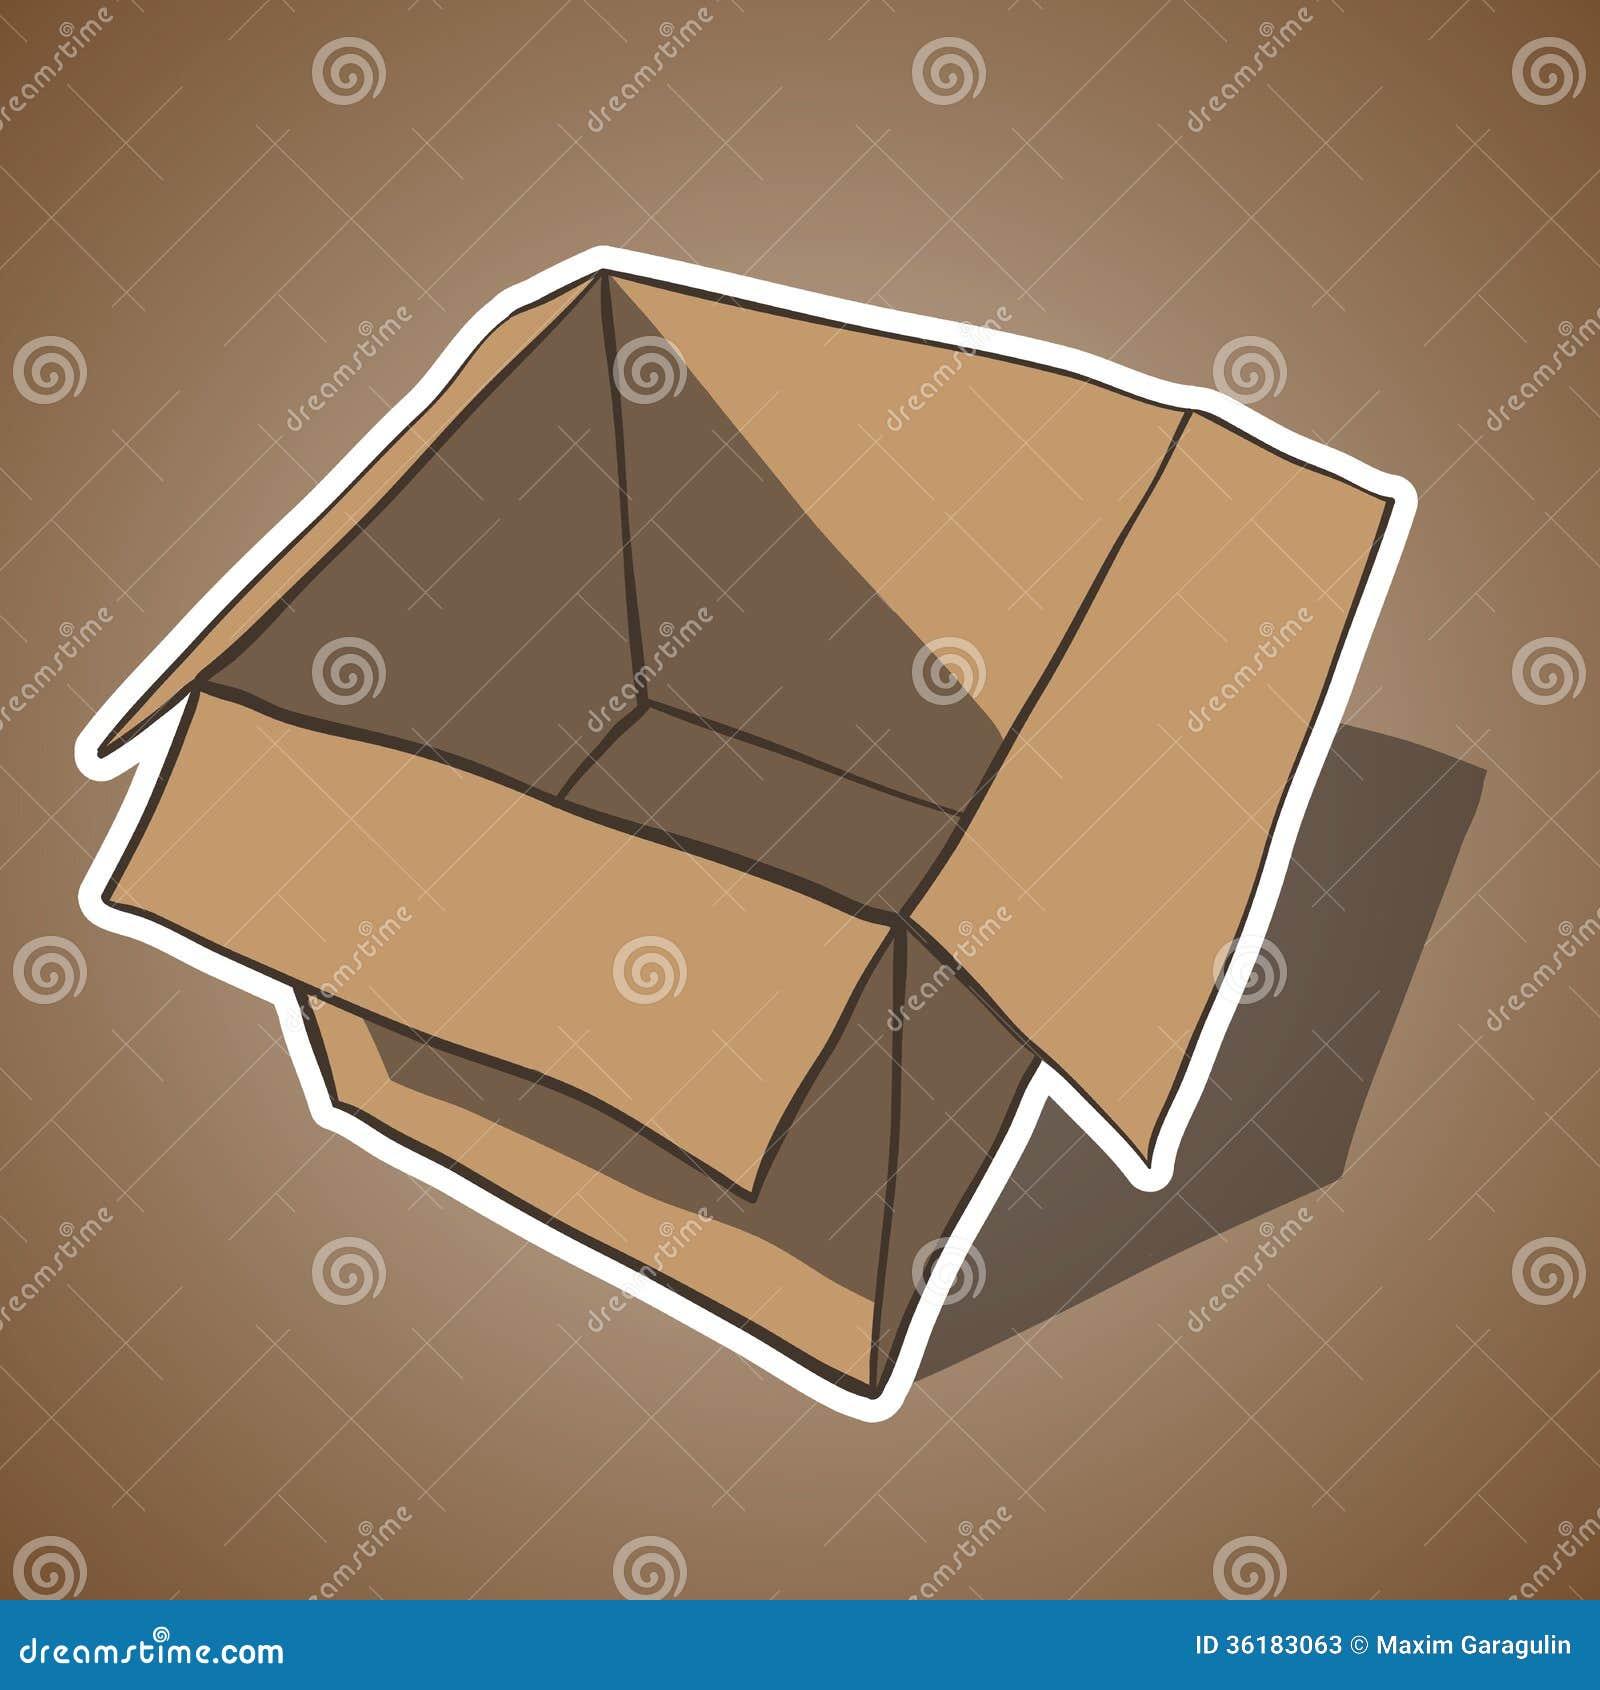 Open Box With White Outline. Cartoon Vector Stock Photos